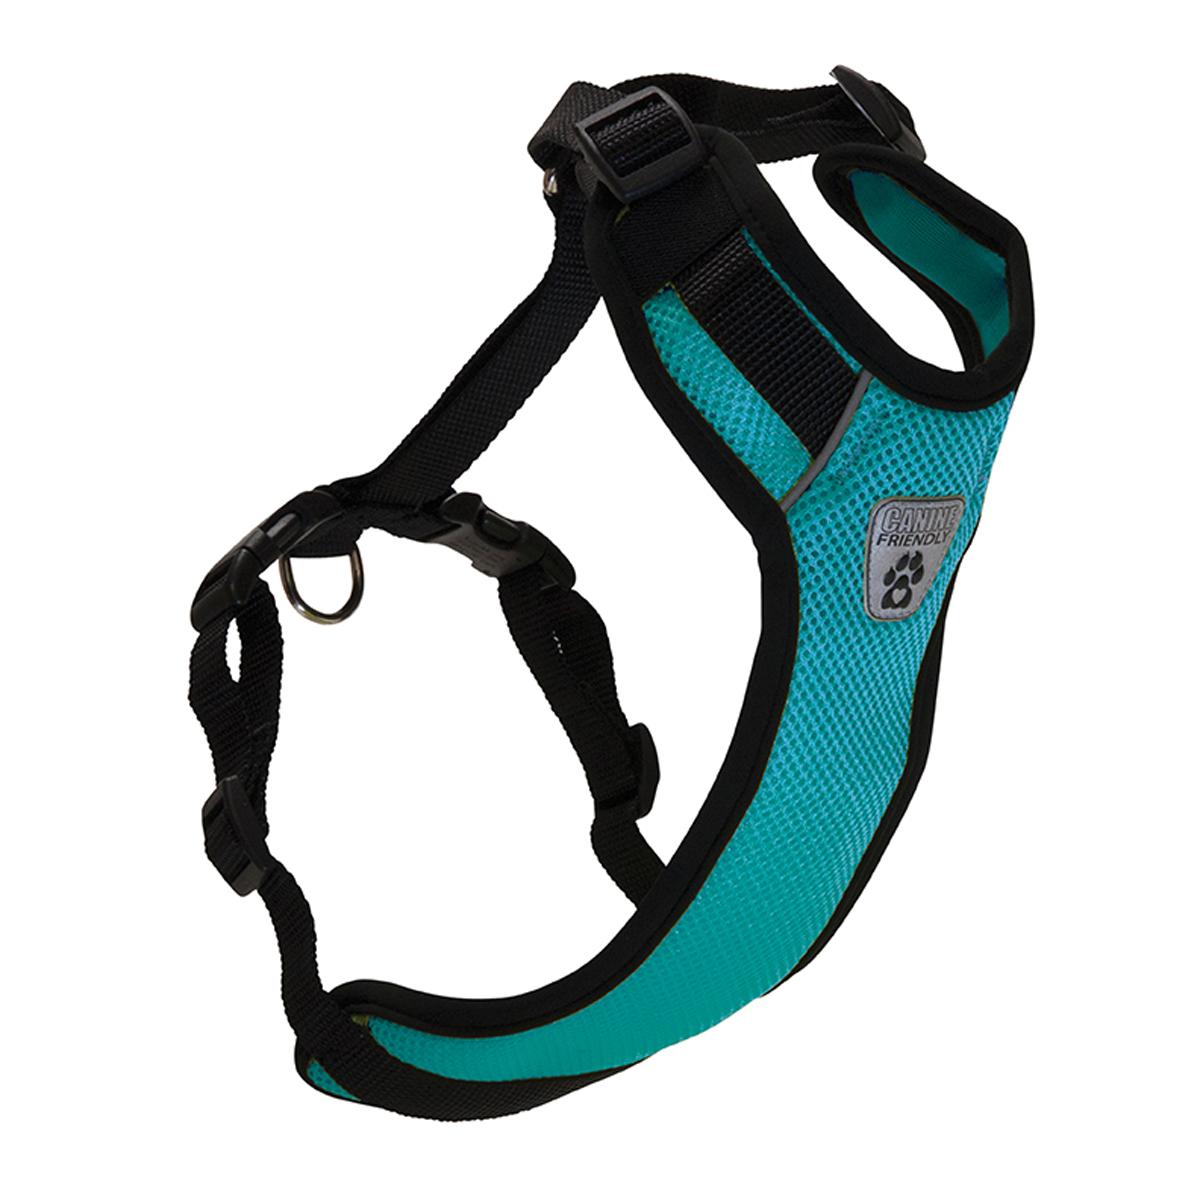 Vented Vest Car Seat Dog Harness - V2 Teal